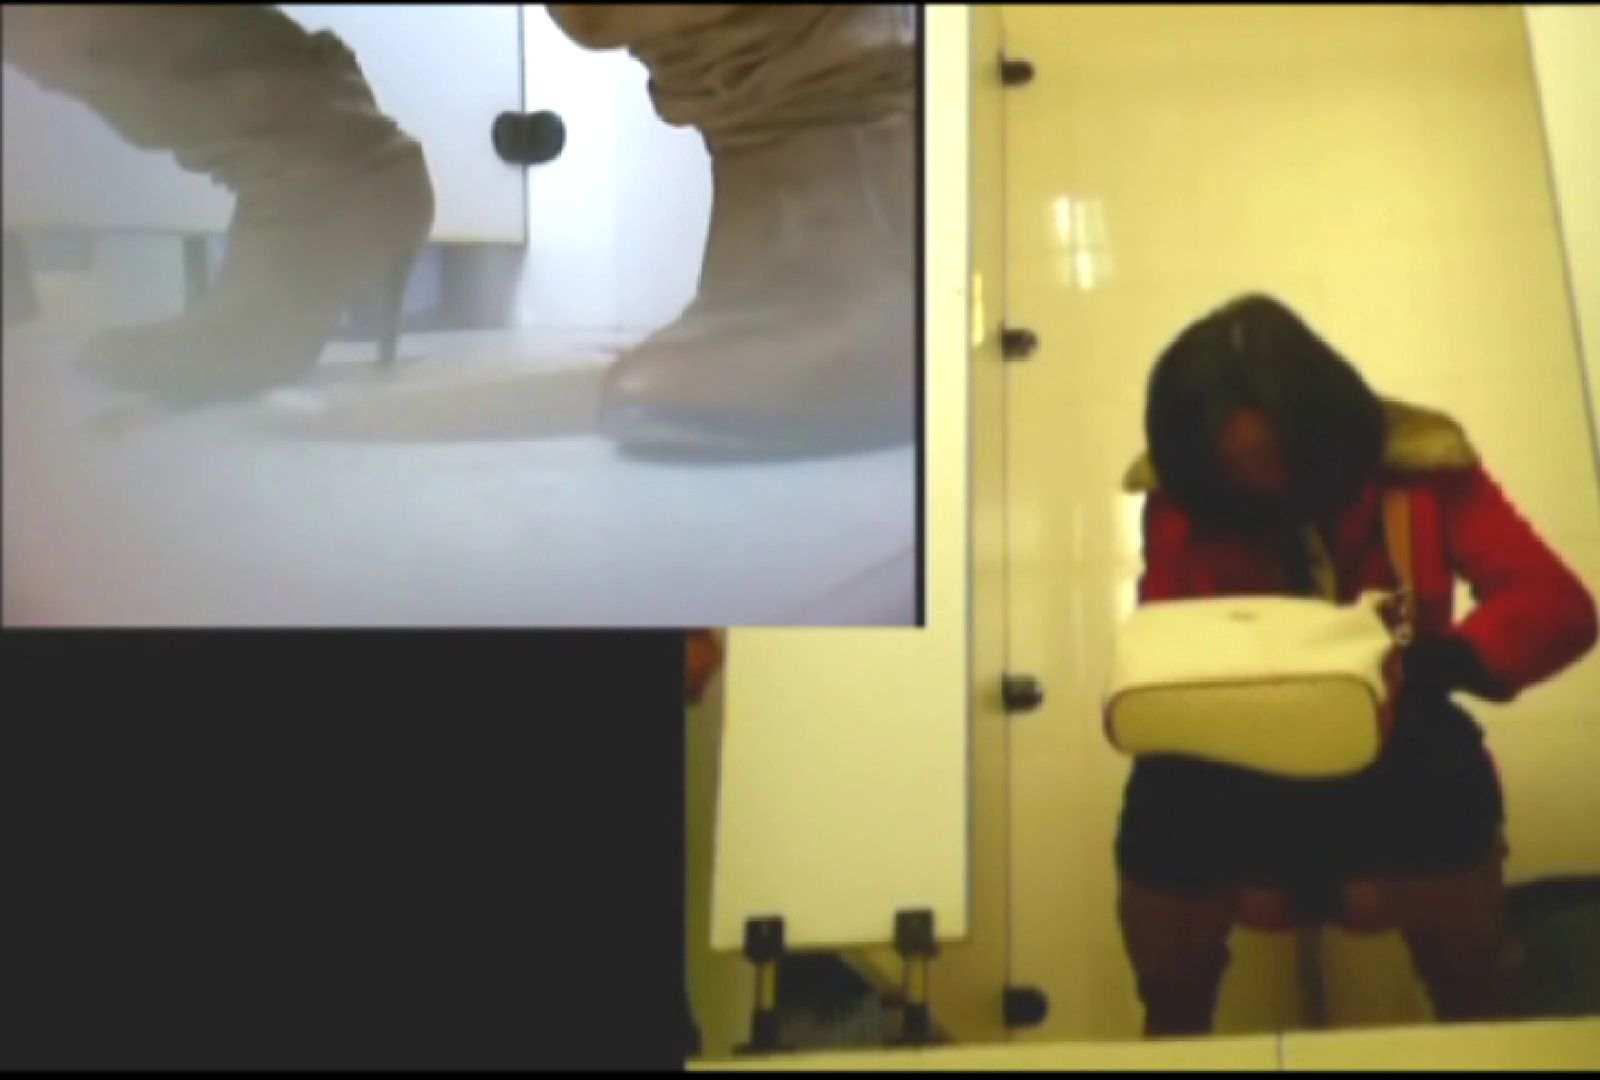 洗面所で暗躍する撮師たちの潜入記Vol.4 洗面所はめどり 盗撮画像 104画像 23